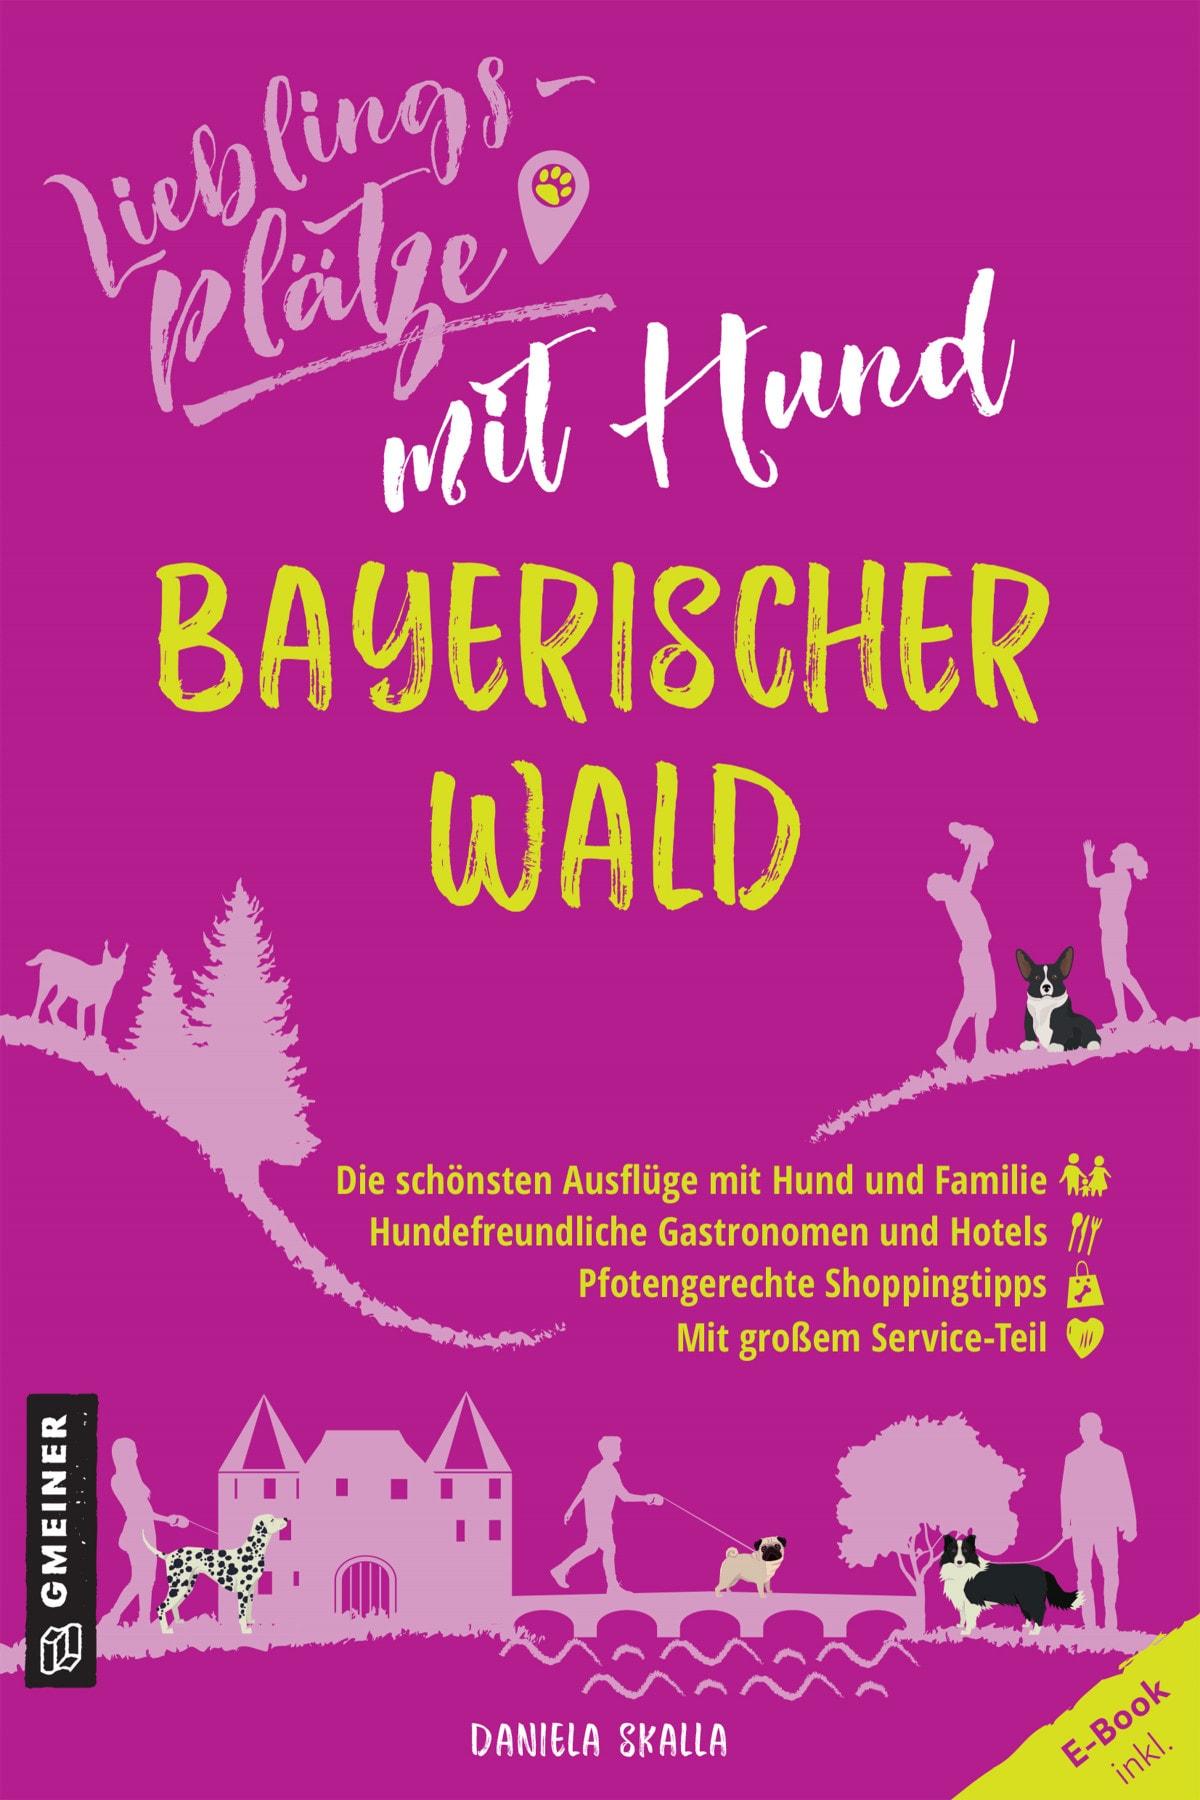 """Auszeit mit dem Vierbeiner Blizz verlost den Reiseführer """"Lieblingsplätze mit Hund - Bayerischer Wald"""" von Daniela Skalla"""